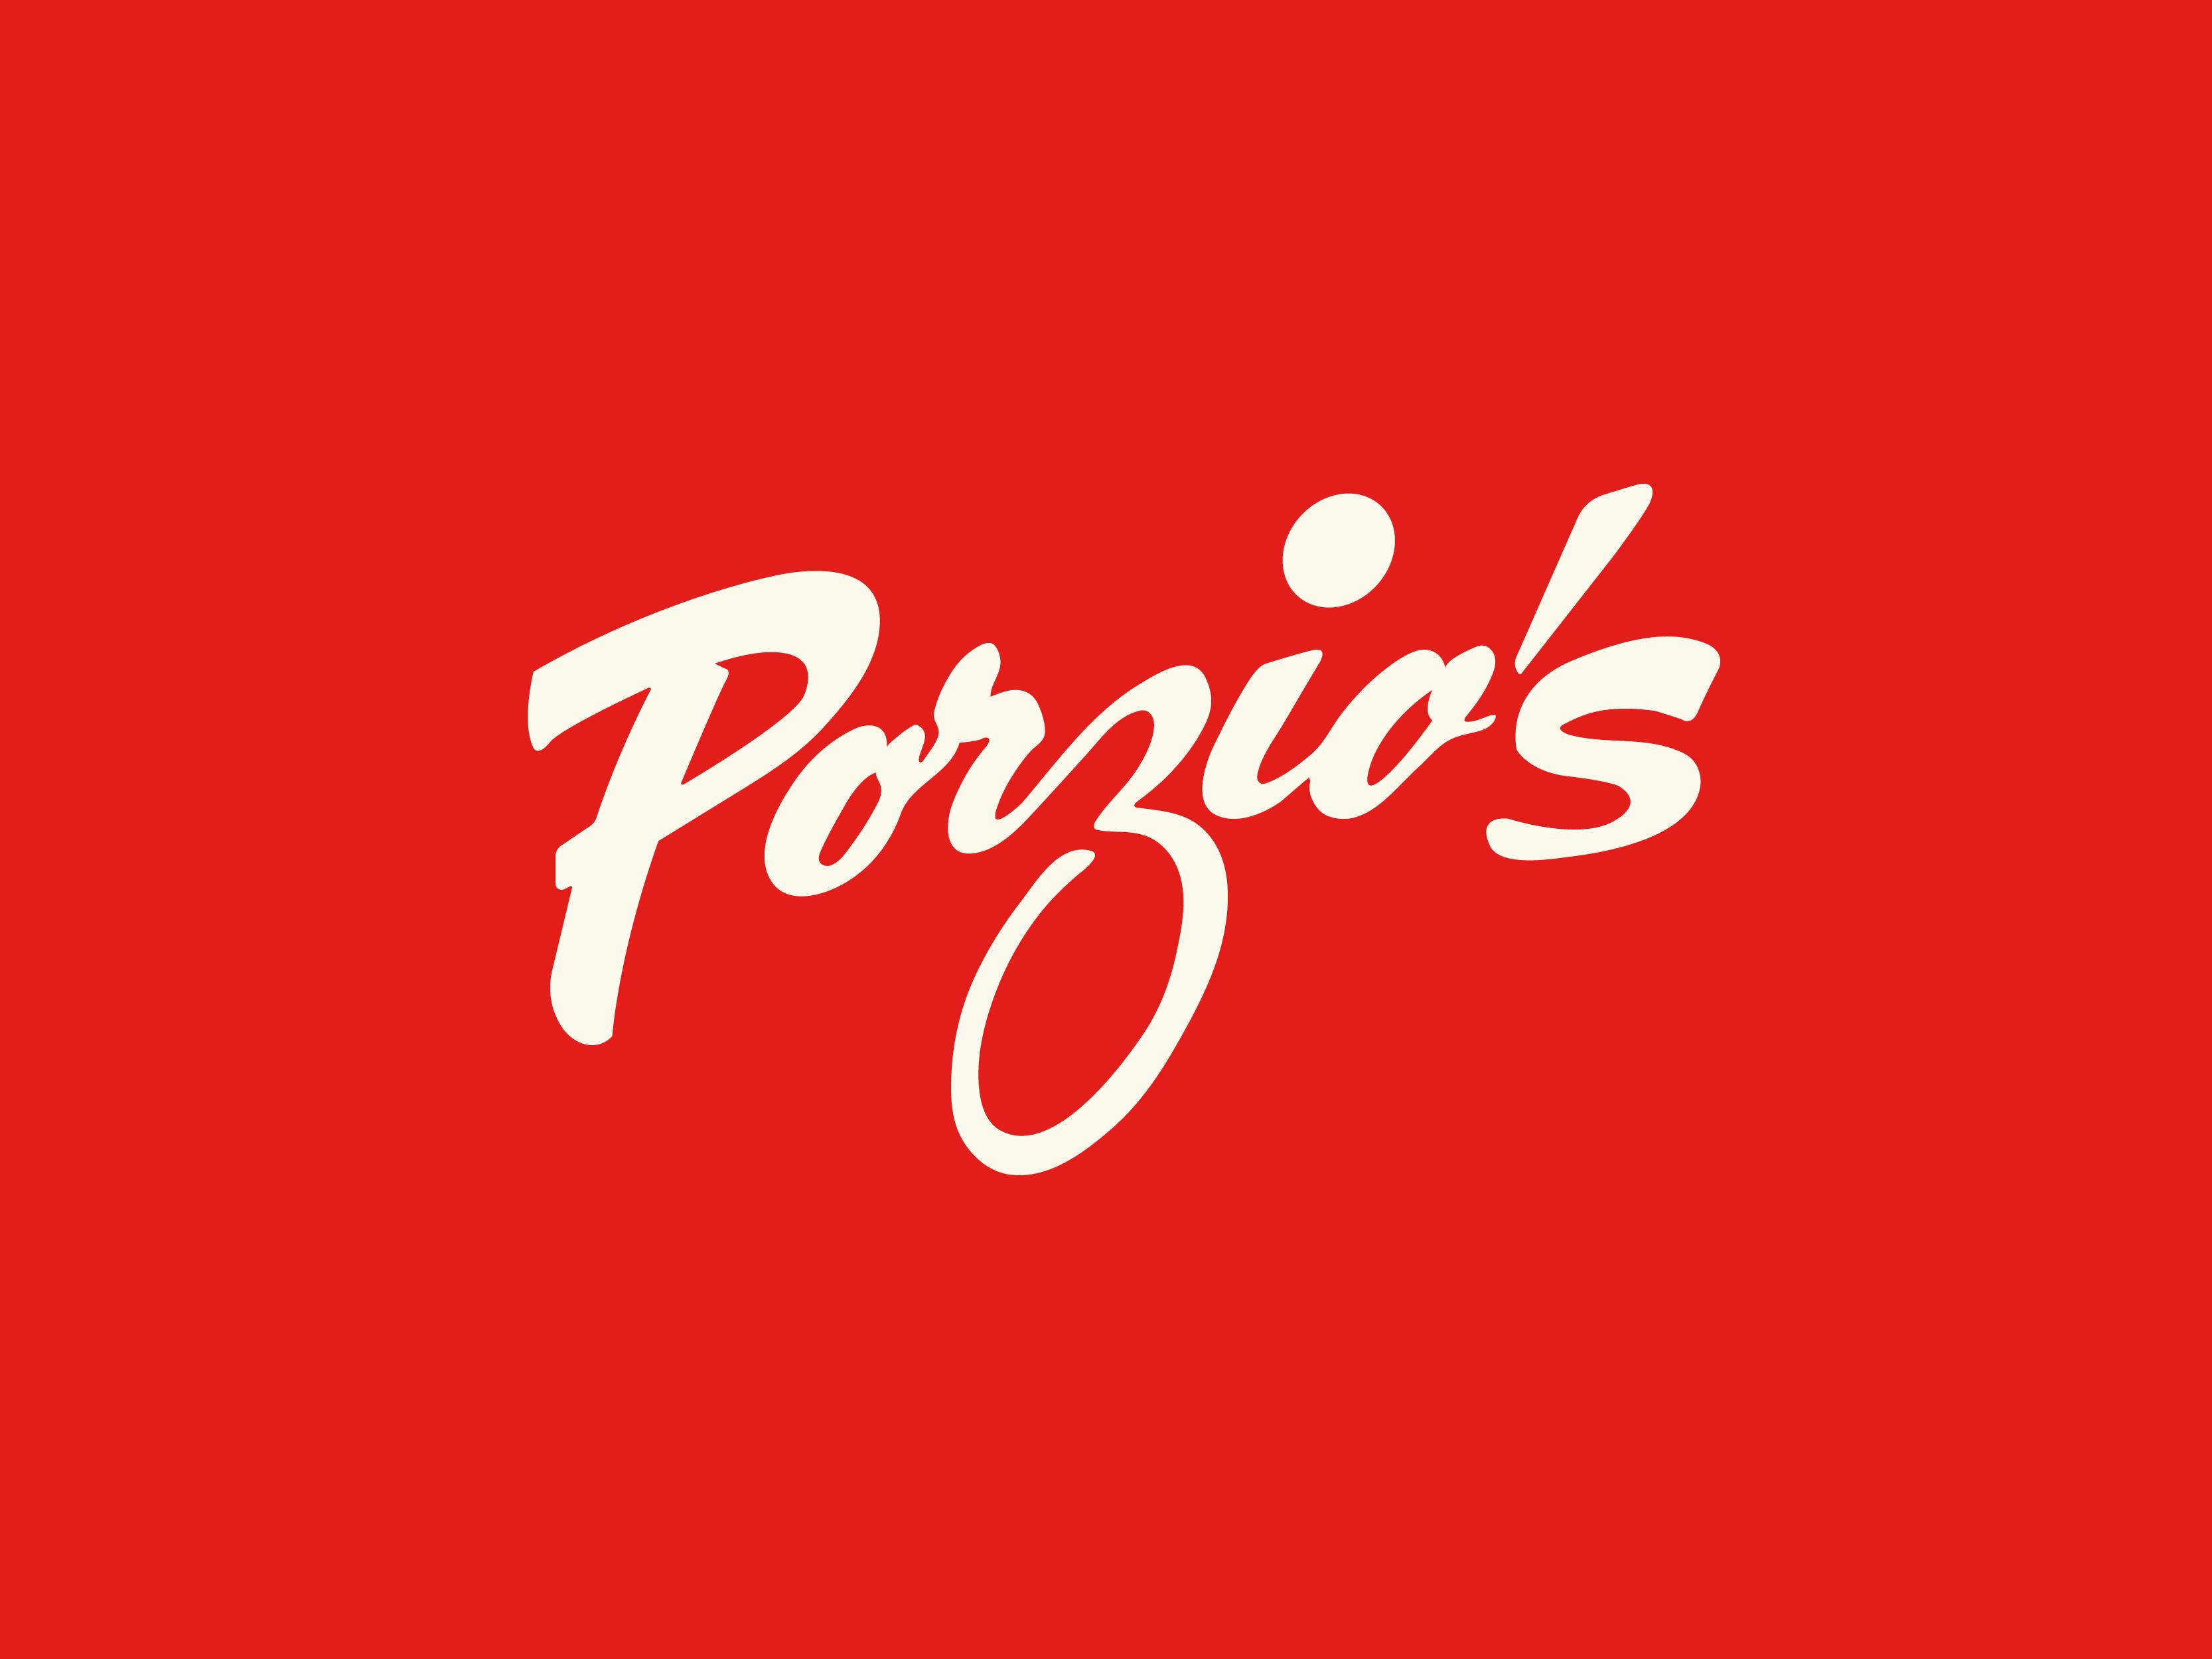 Porzio's